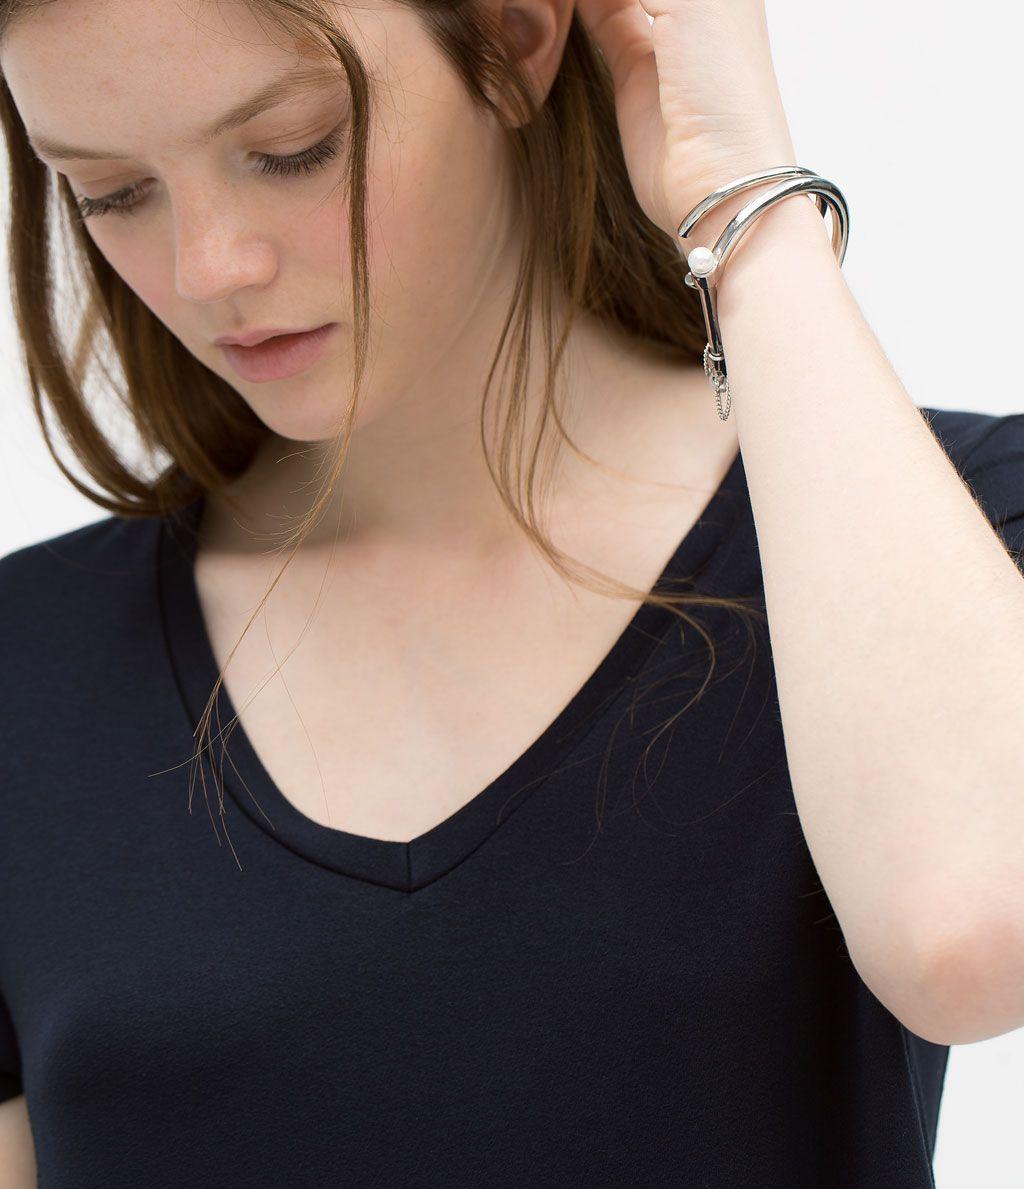 изображение 1 из БРАСЛЕТЫ С БУСИНАМИ-ЖЕМЧУЖИНАМИ от Zara